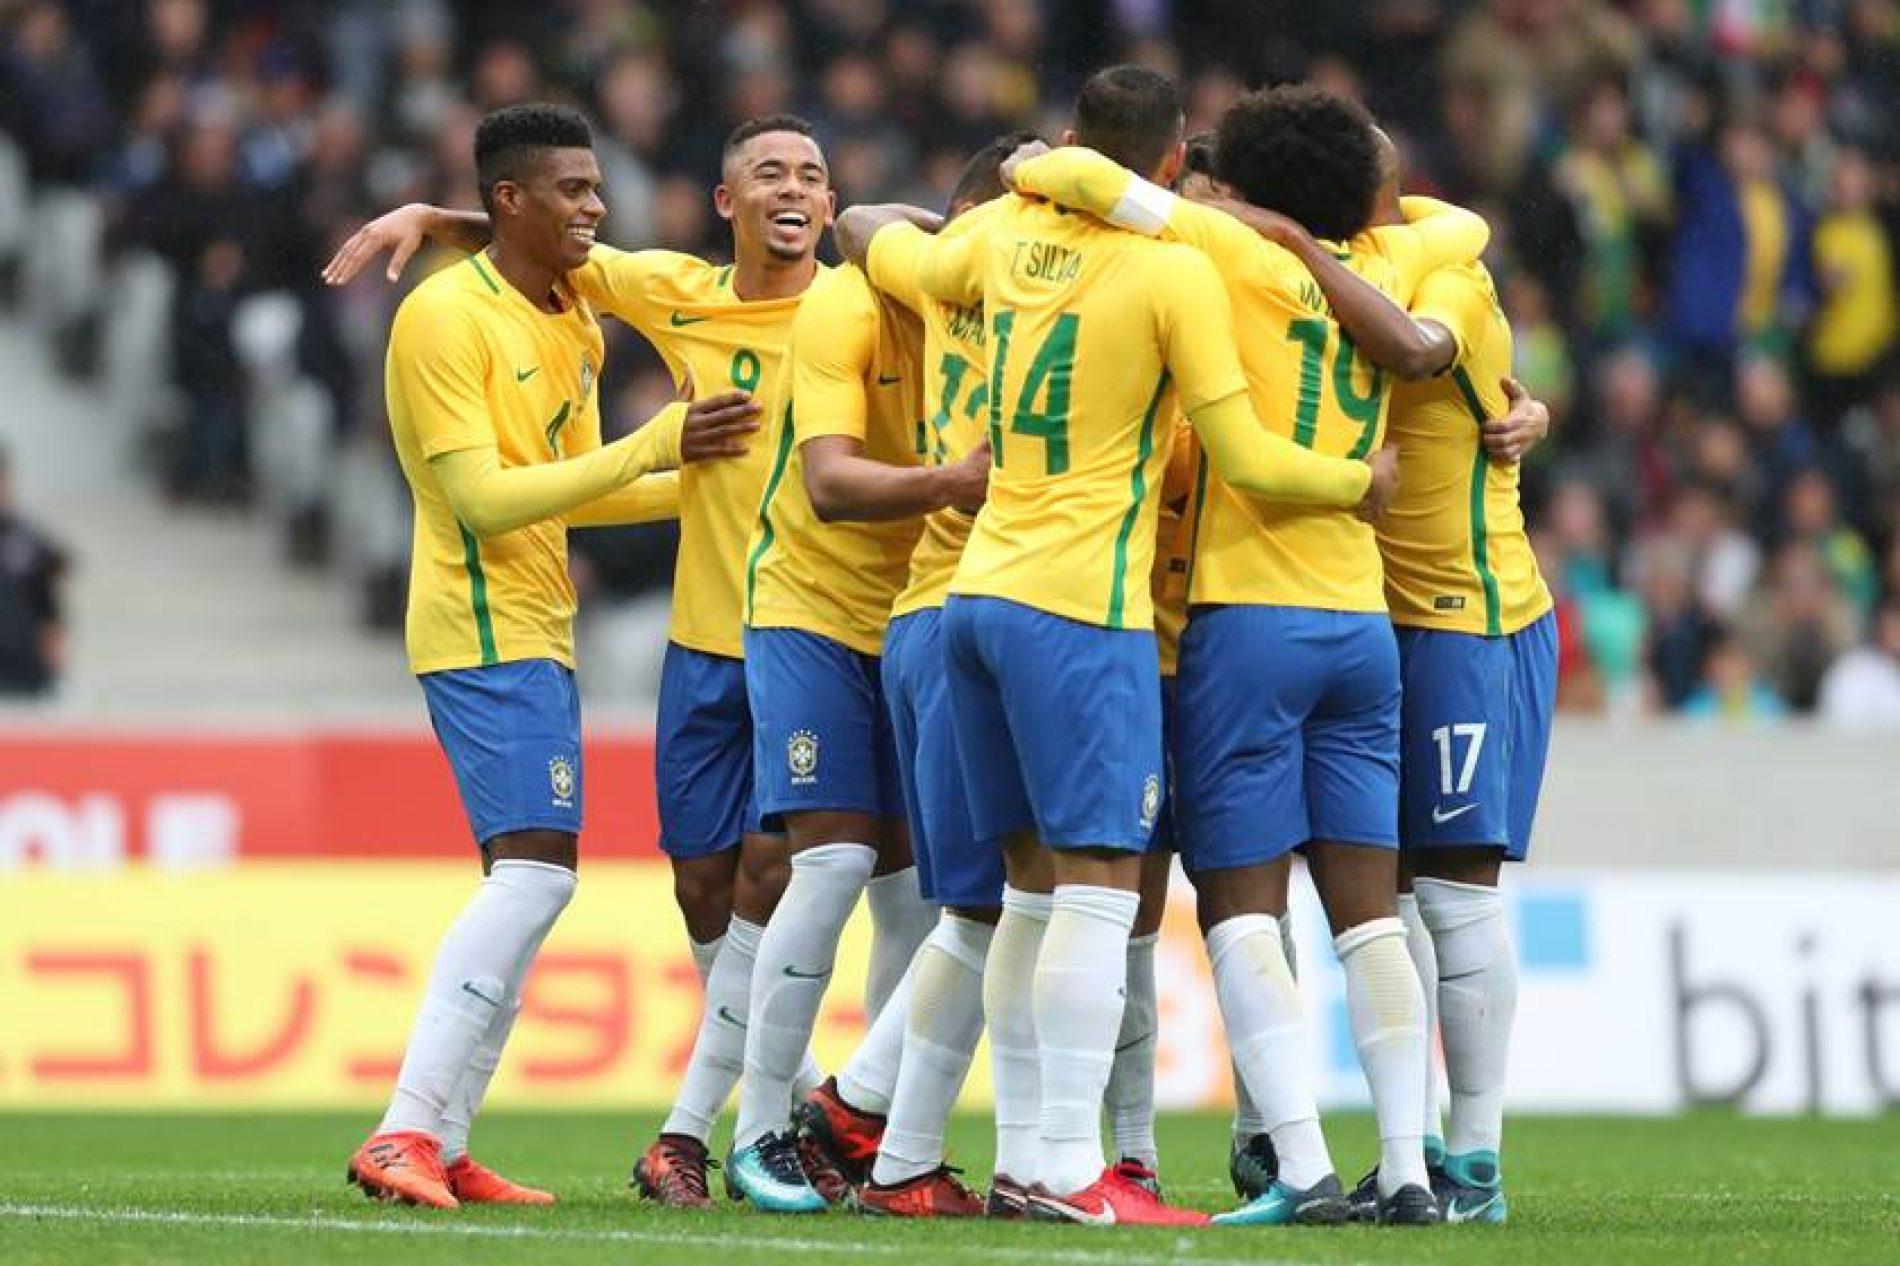 Em jogo morno, Brasil vence Japão com ajuda da arbitragem de vídeo